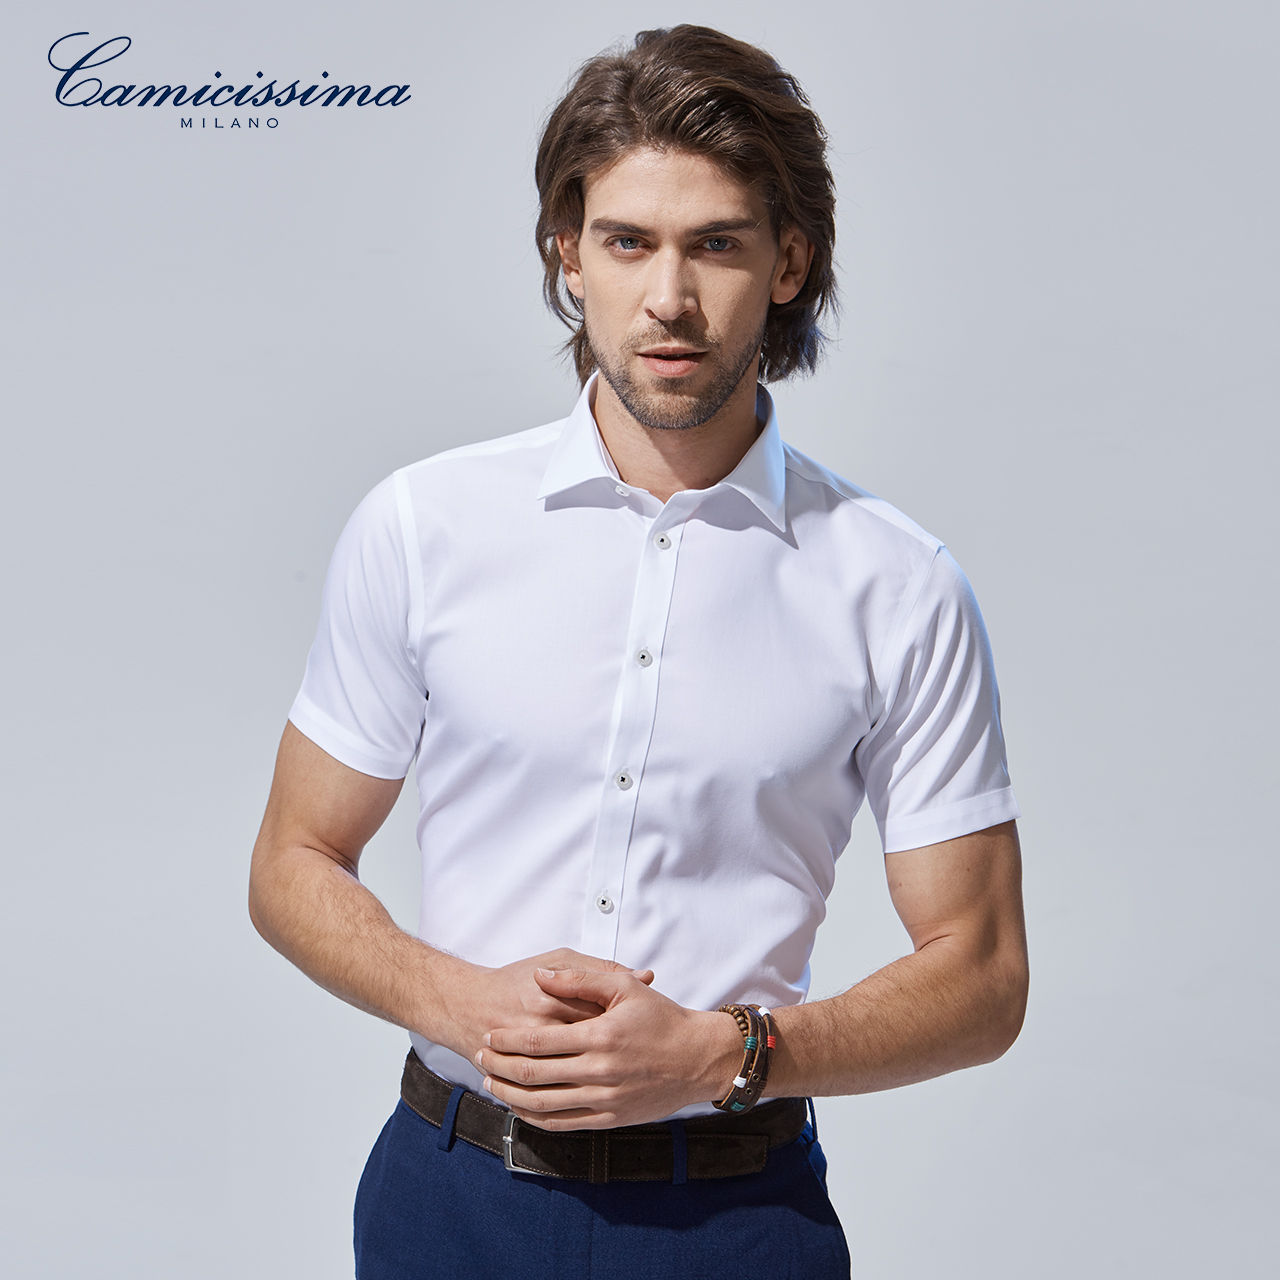 恺米切夏季青年男士商务休闲短袖衬衣 纯棉超修身白色免烫衬衫